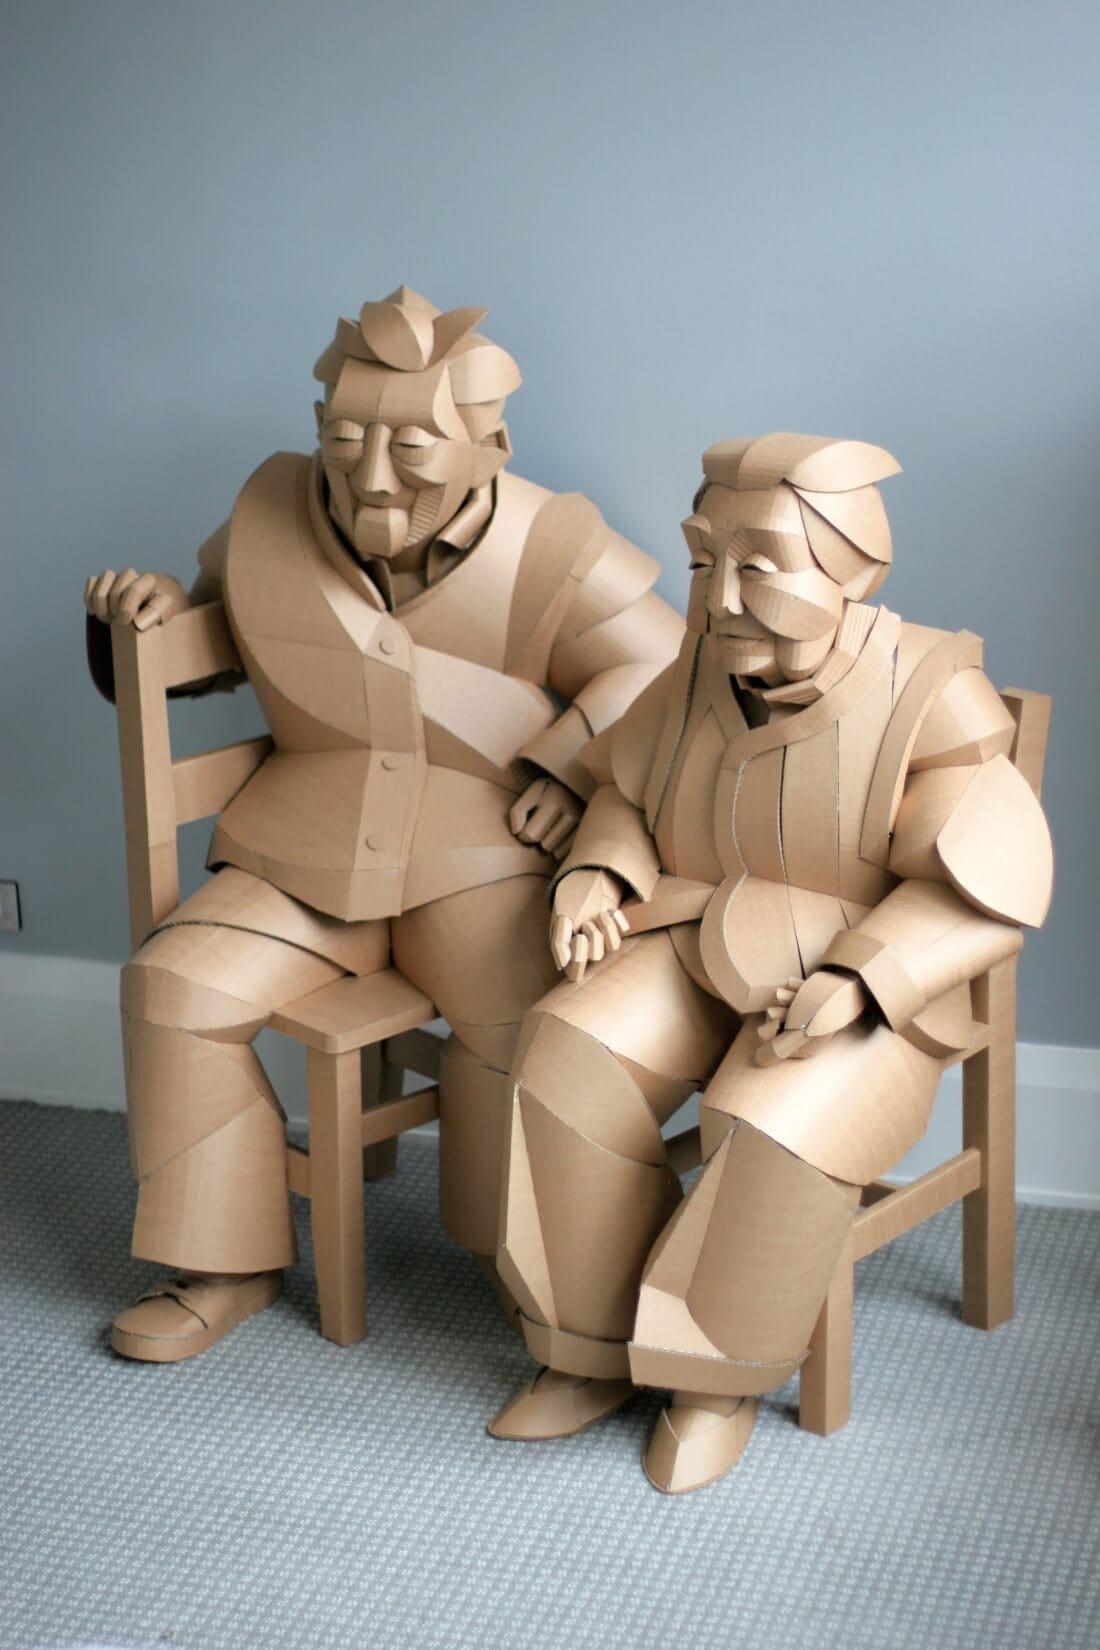 ife size cardboard sculptures warren king fy 5